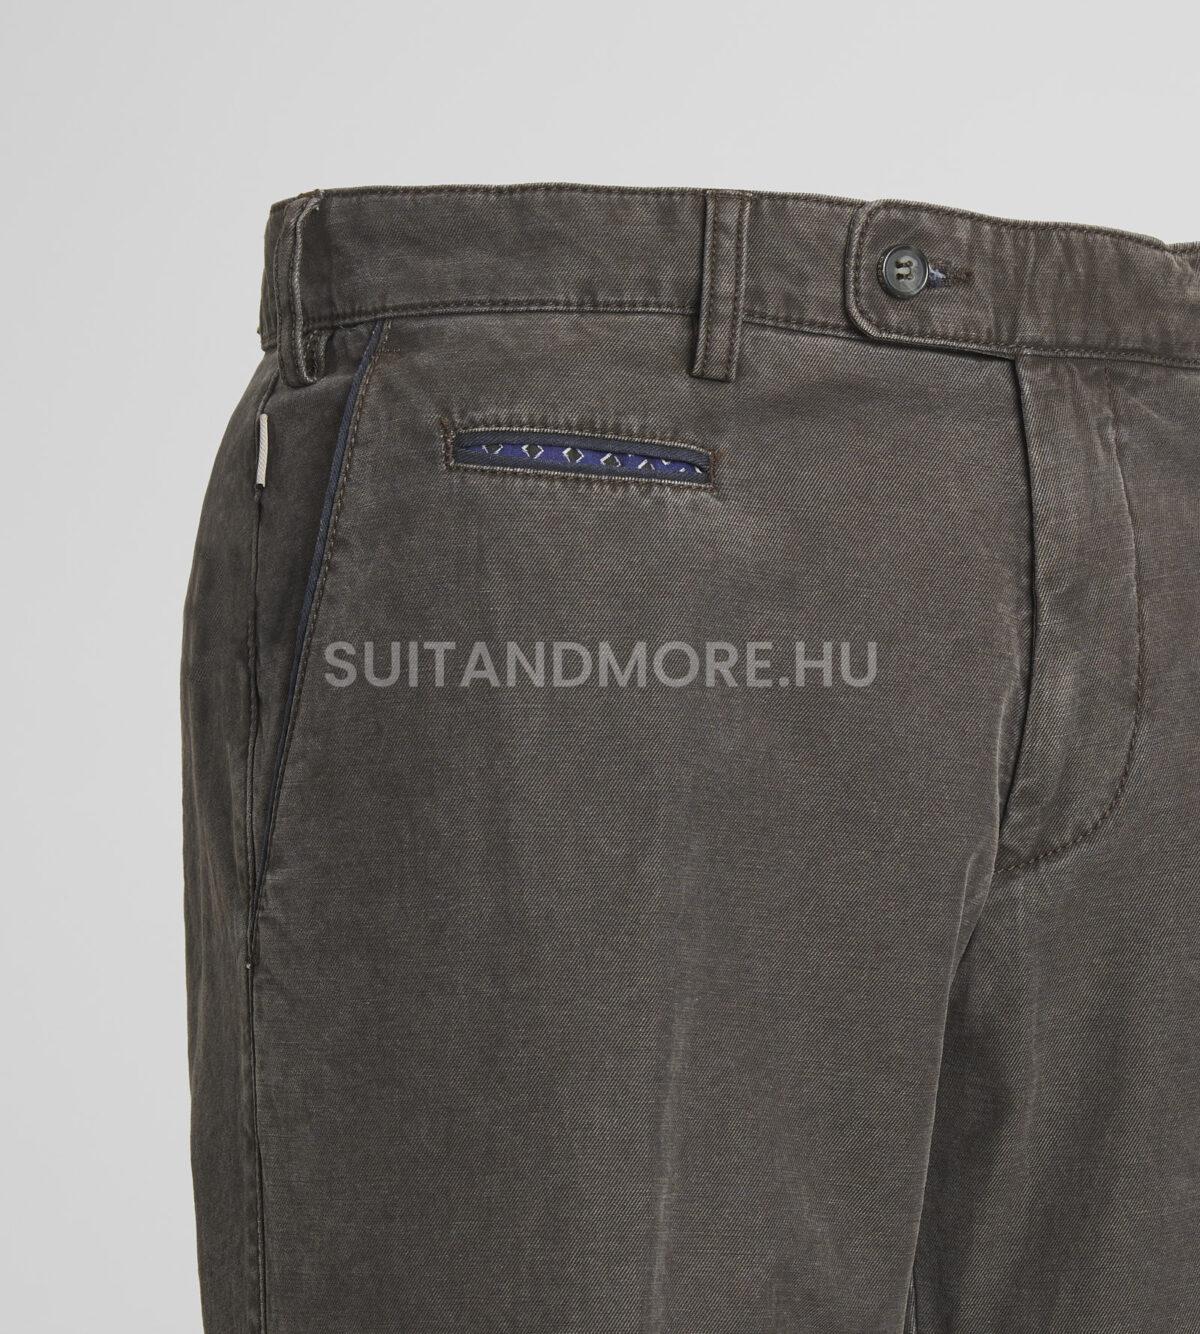 hidegbarna-modern-fit-pamut-sztreccs-chino-nadrág-LOGAN-F1-1251558-32-02